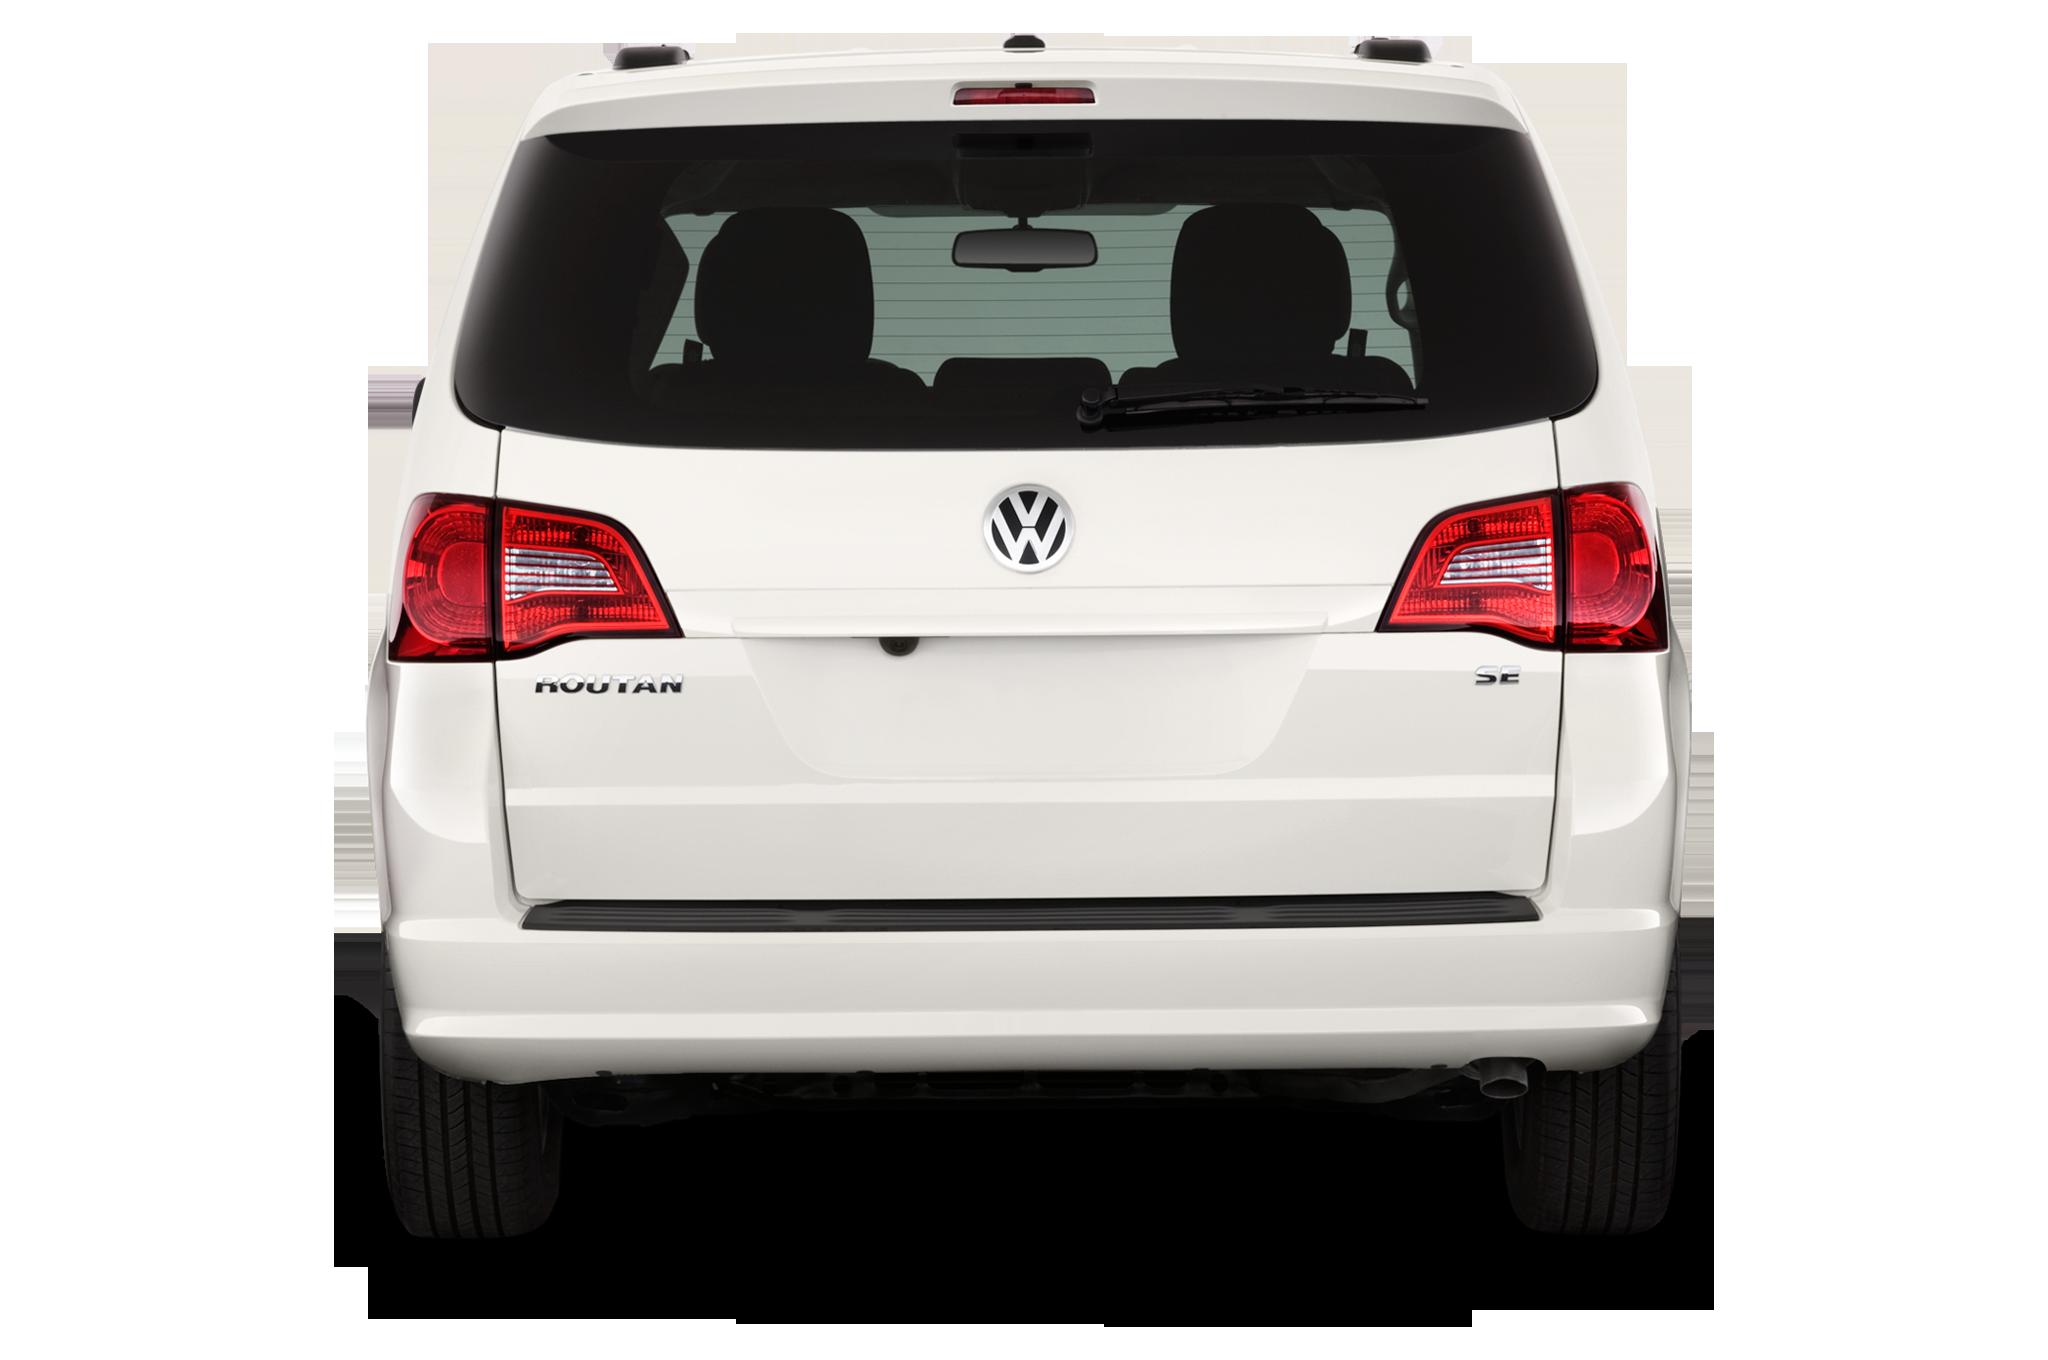 Volkswagen Routan 2008 - 2012 Minivan #2